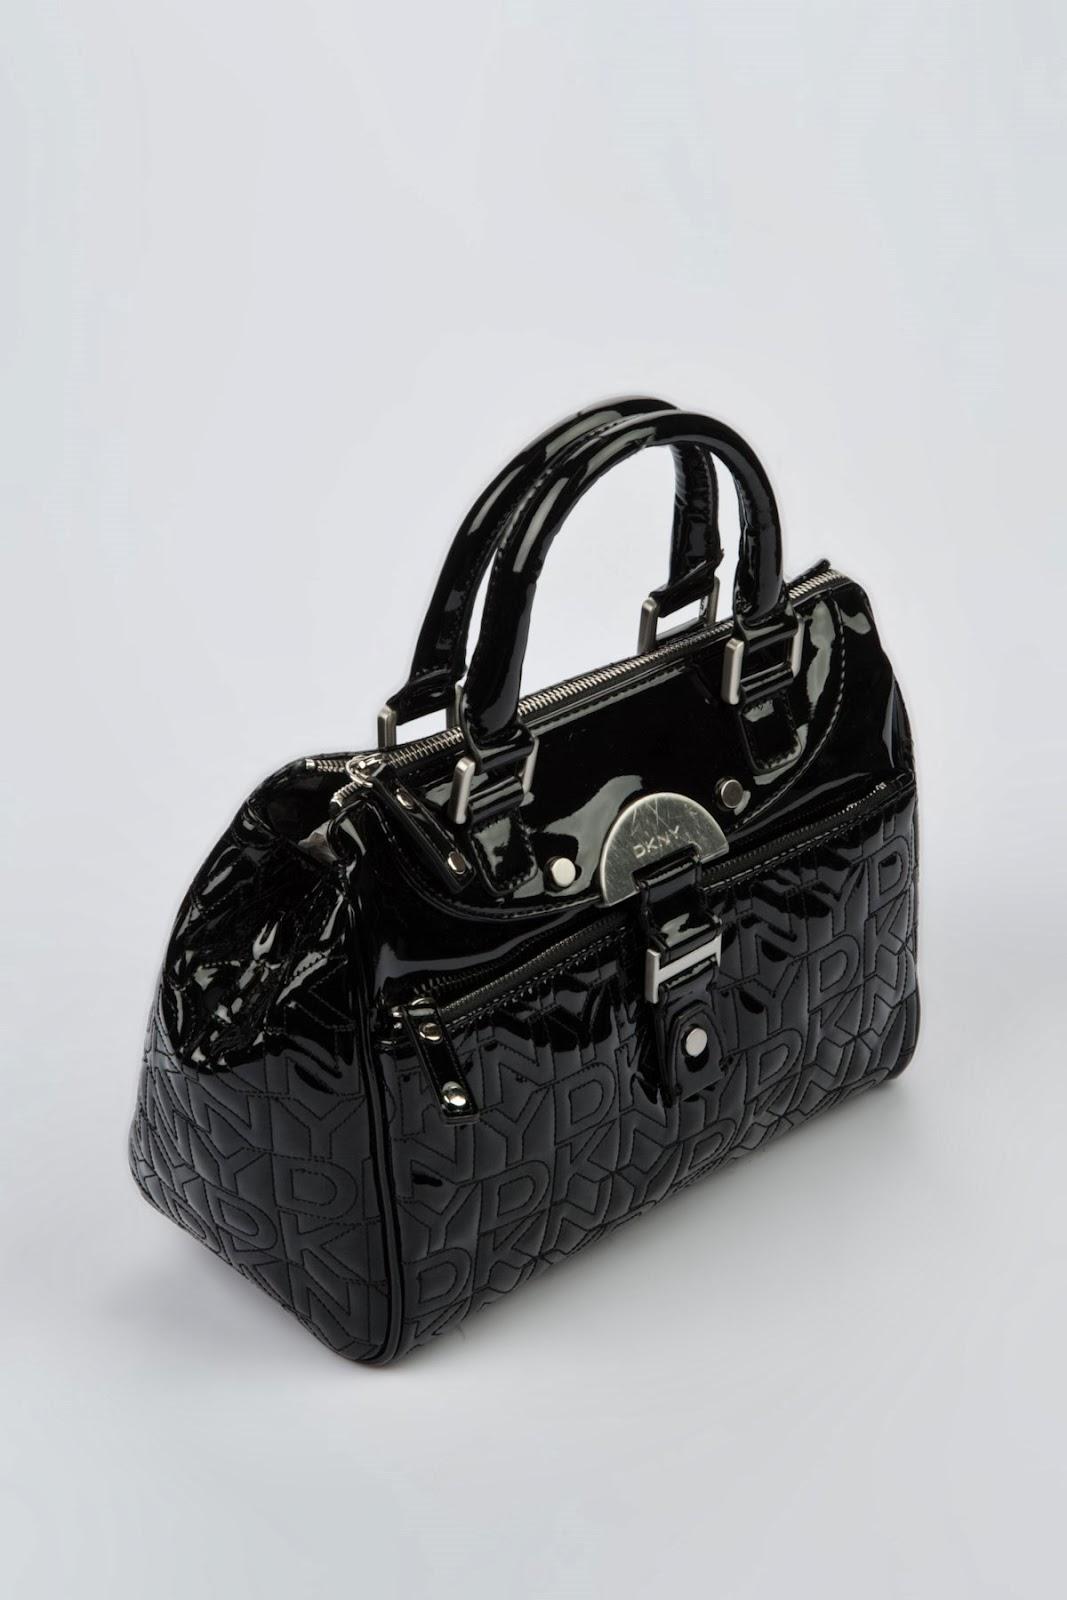 Future Trends 2014: DKNY Spring Summer 2014 Handbags ...